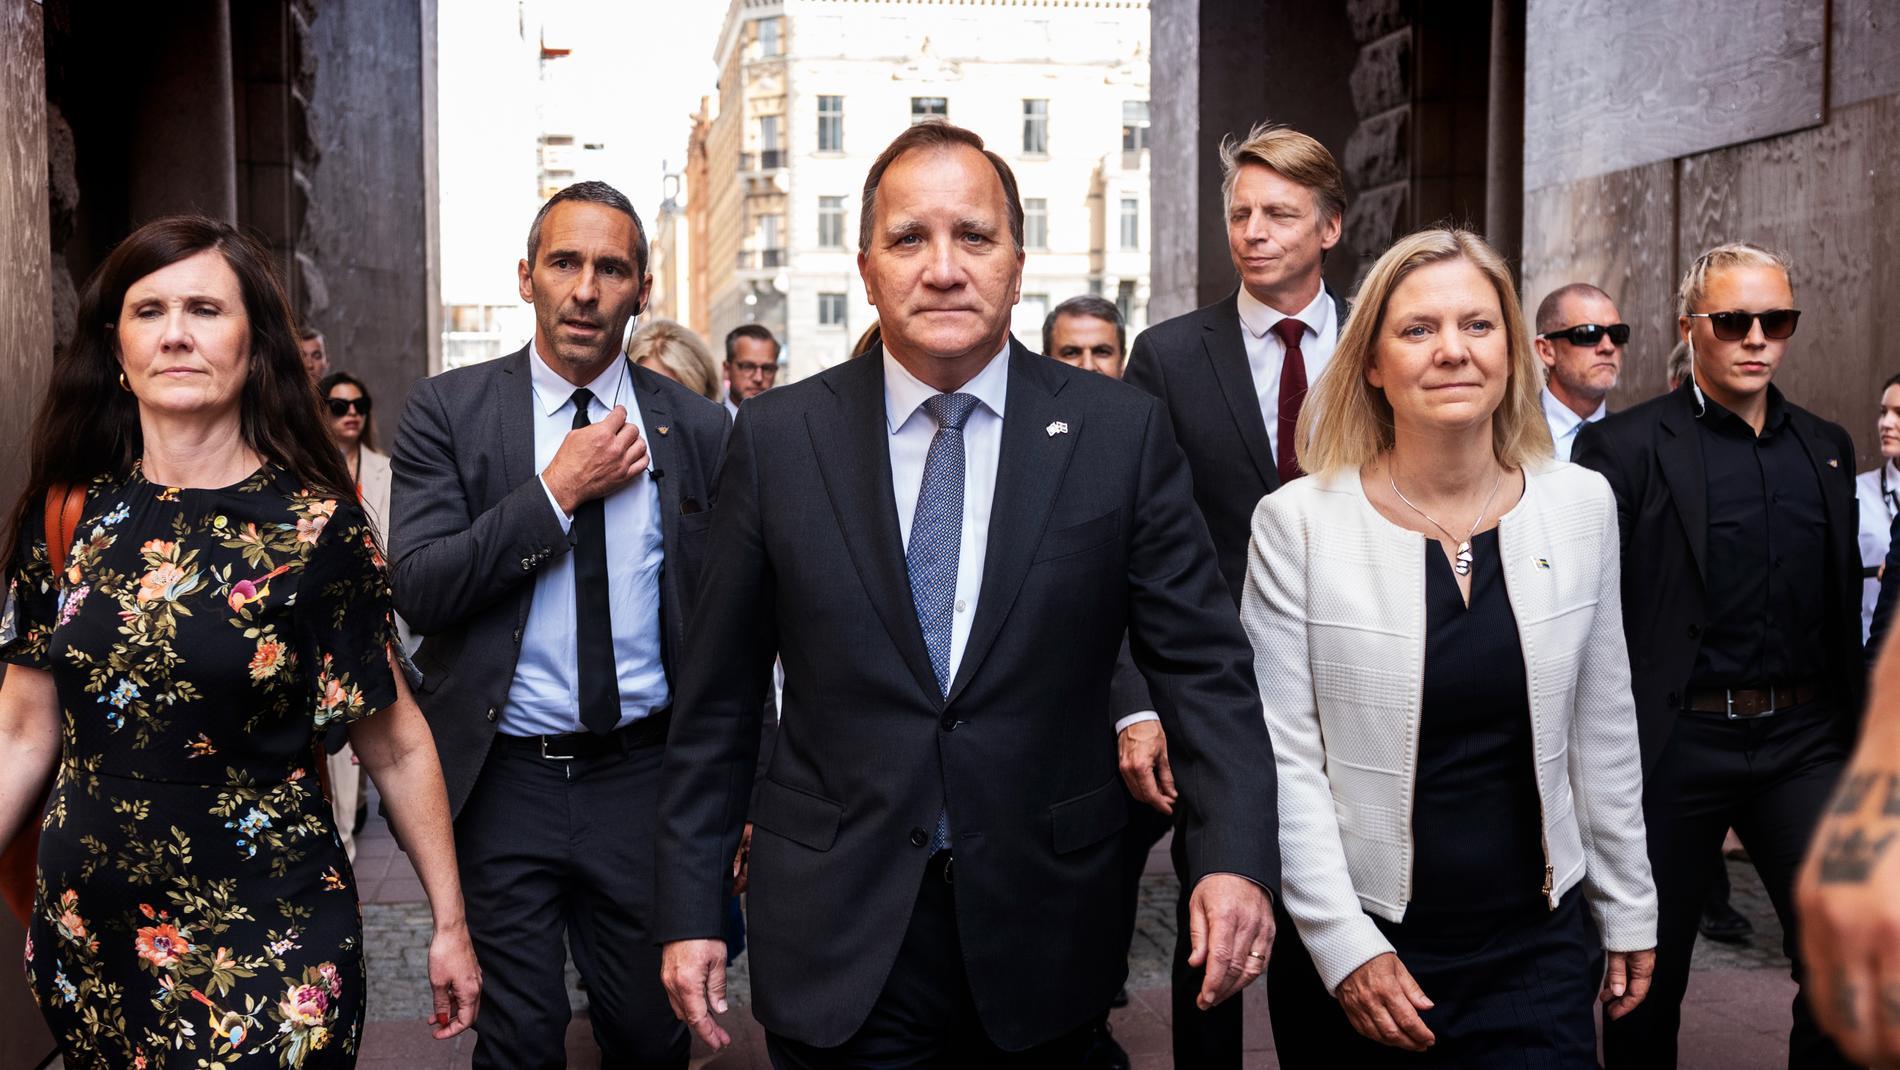 Statsminister Stefan Löfven (S) på väg till riksdagens misstroendeomröstning. Arkivbild.